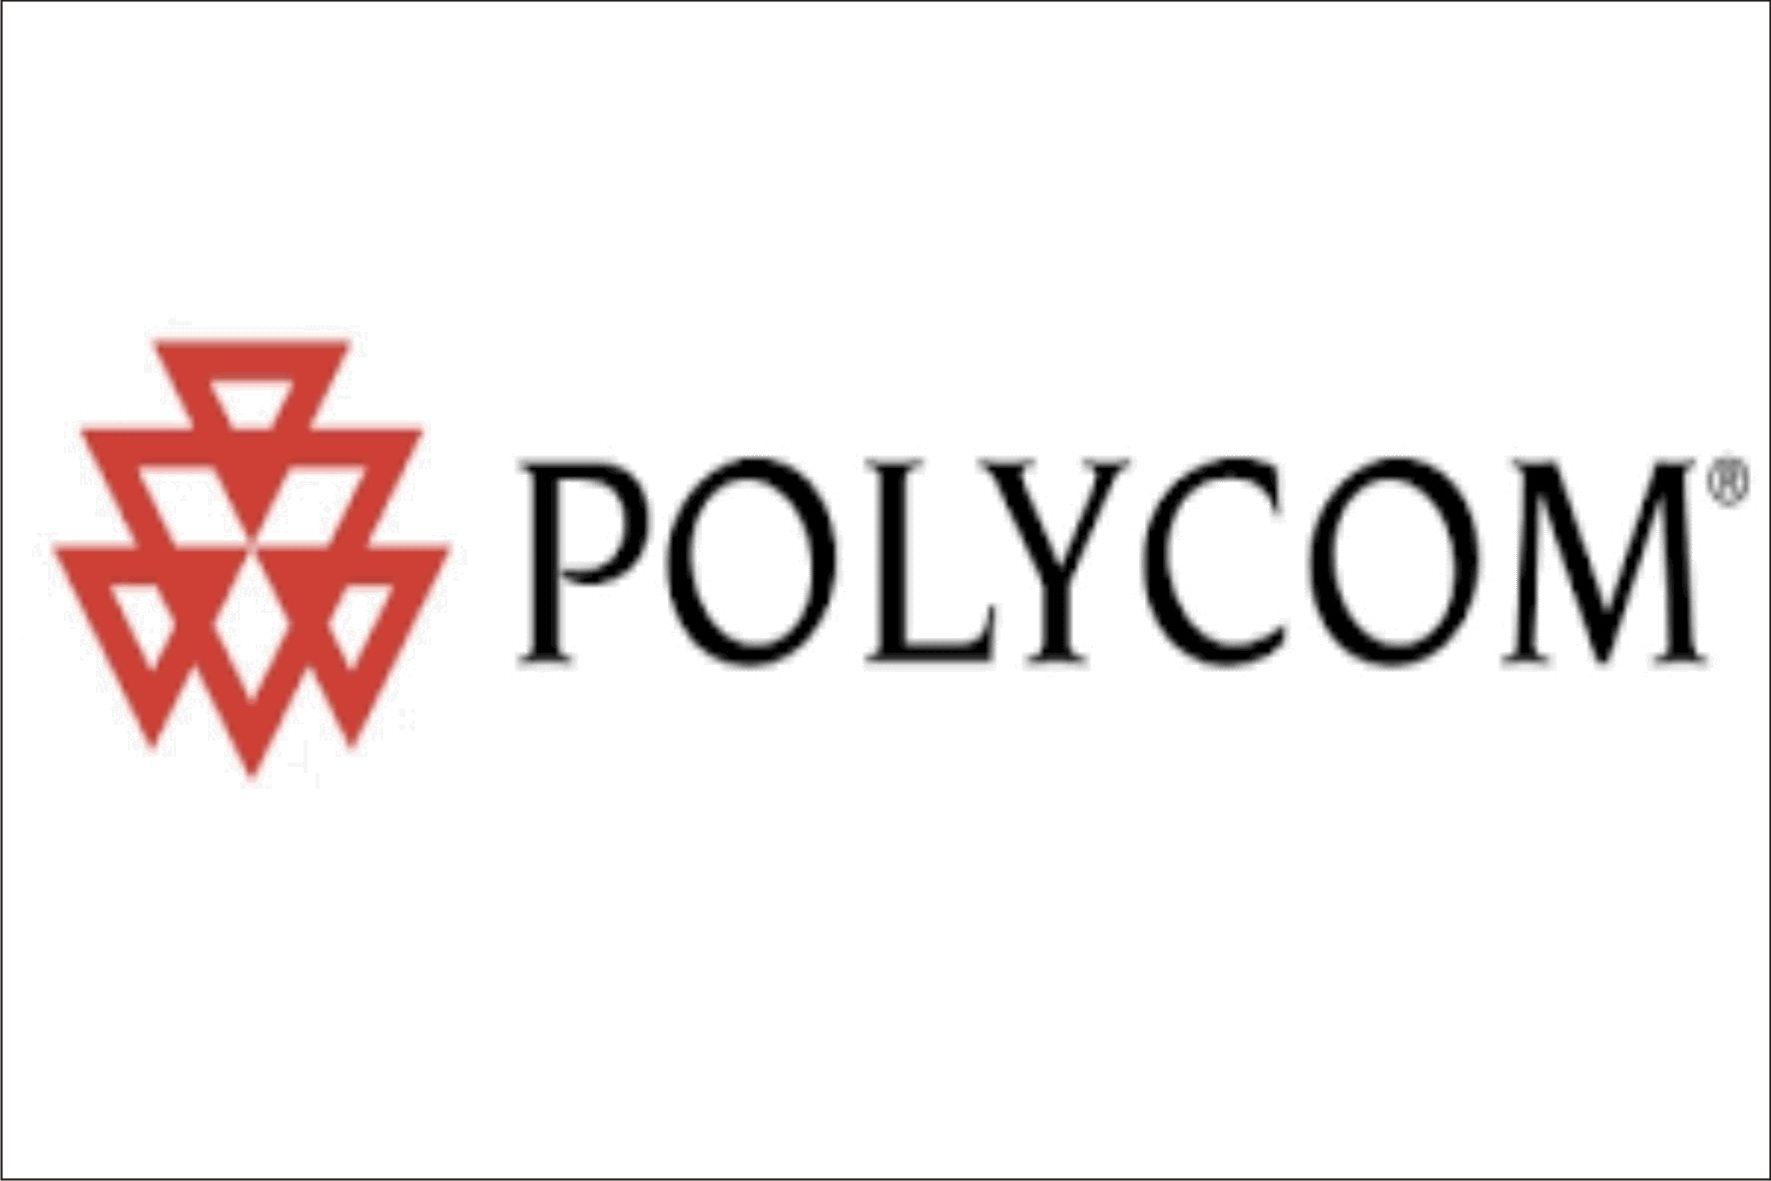 POLYCOM Indonesia